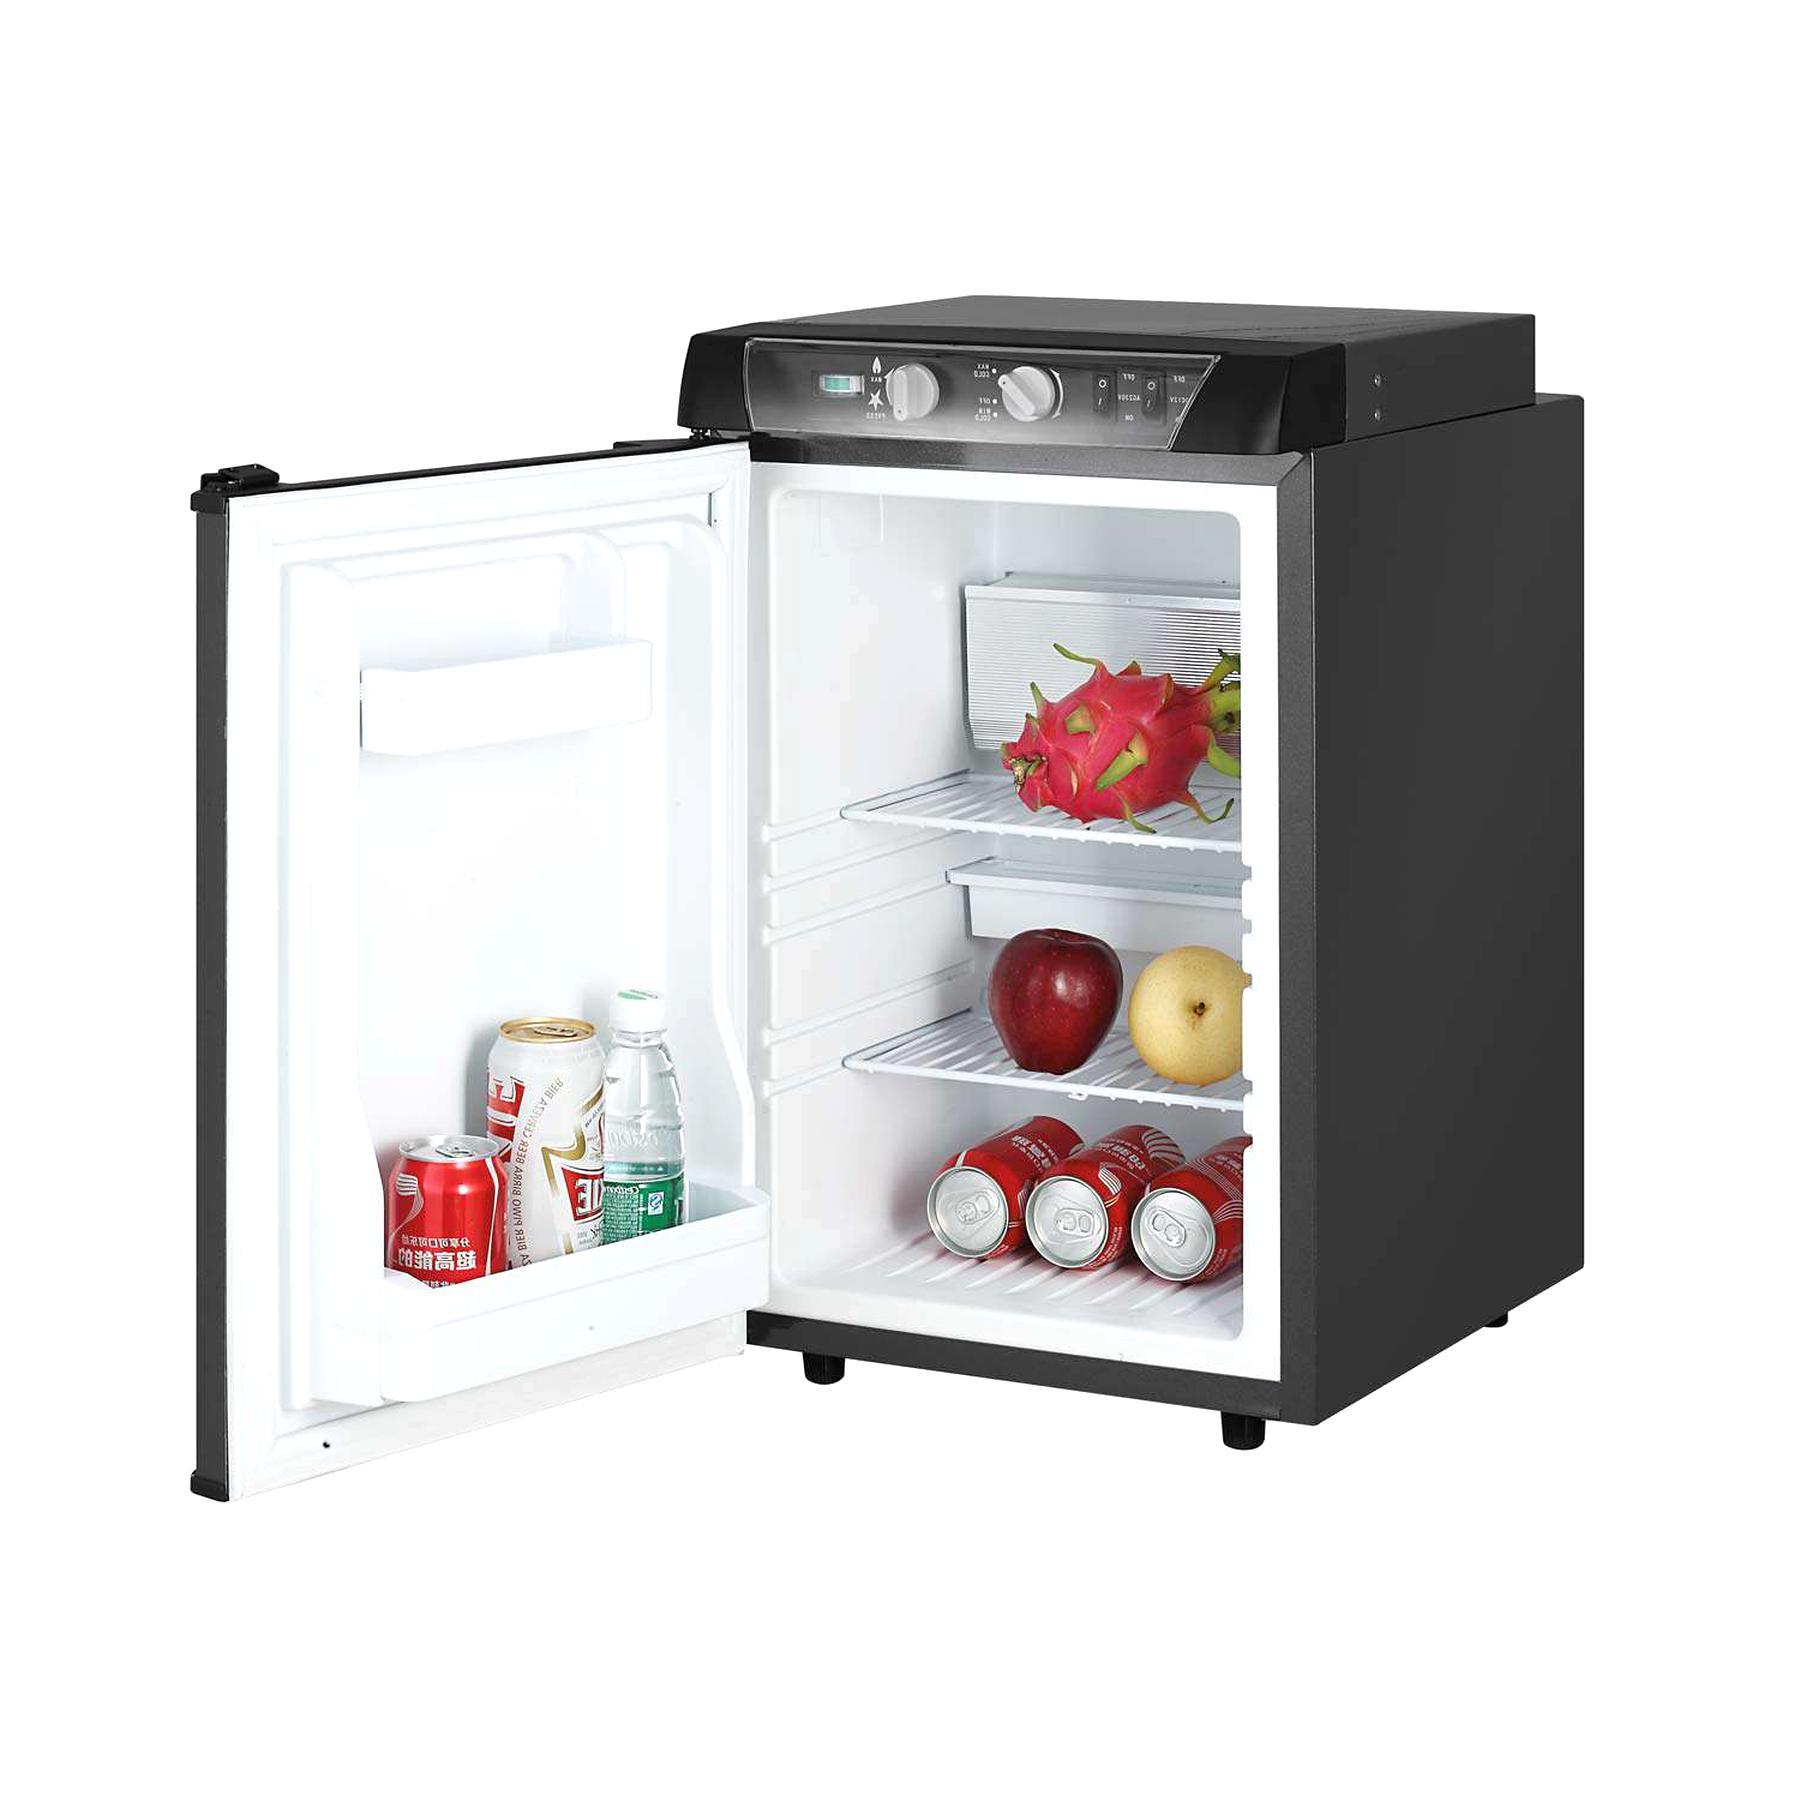 refrigerateur caravane d'occasion